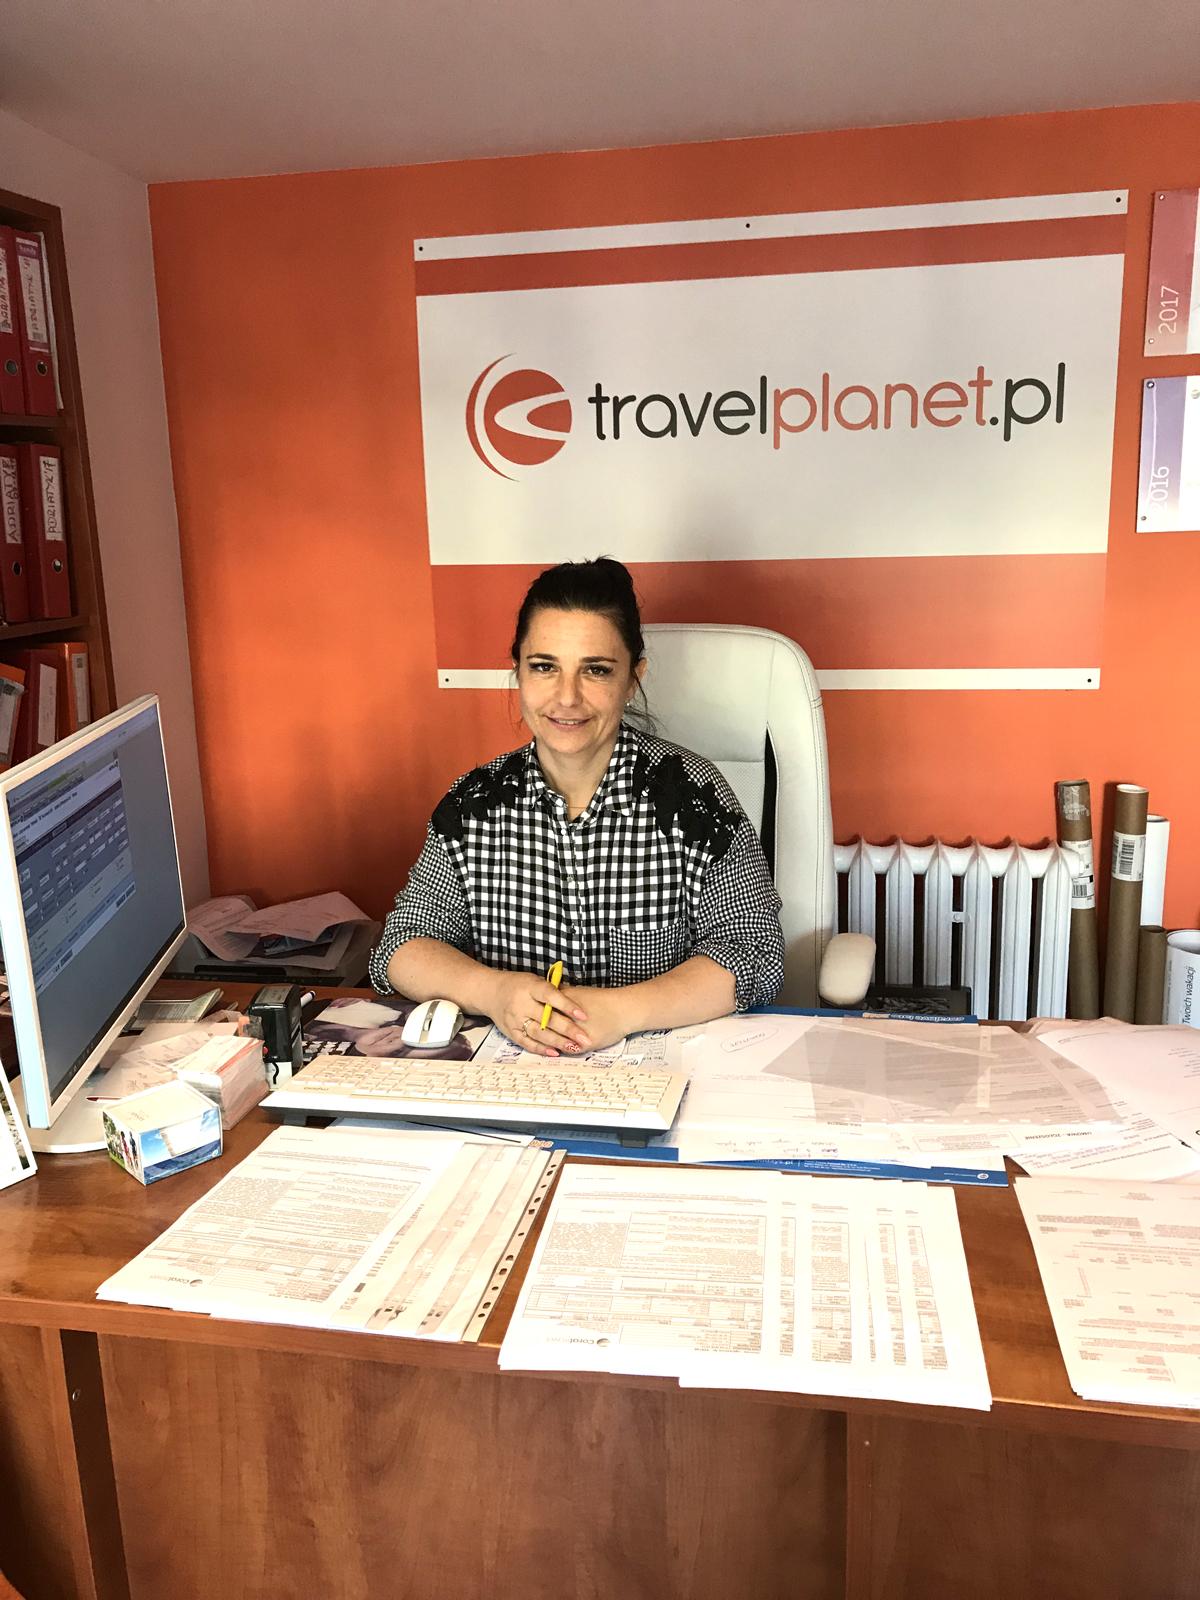 Joanna Klemiato, franczyzobiorczyni Travelplanet